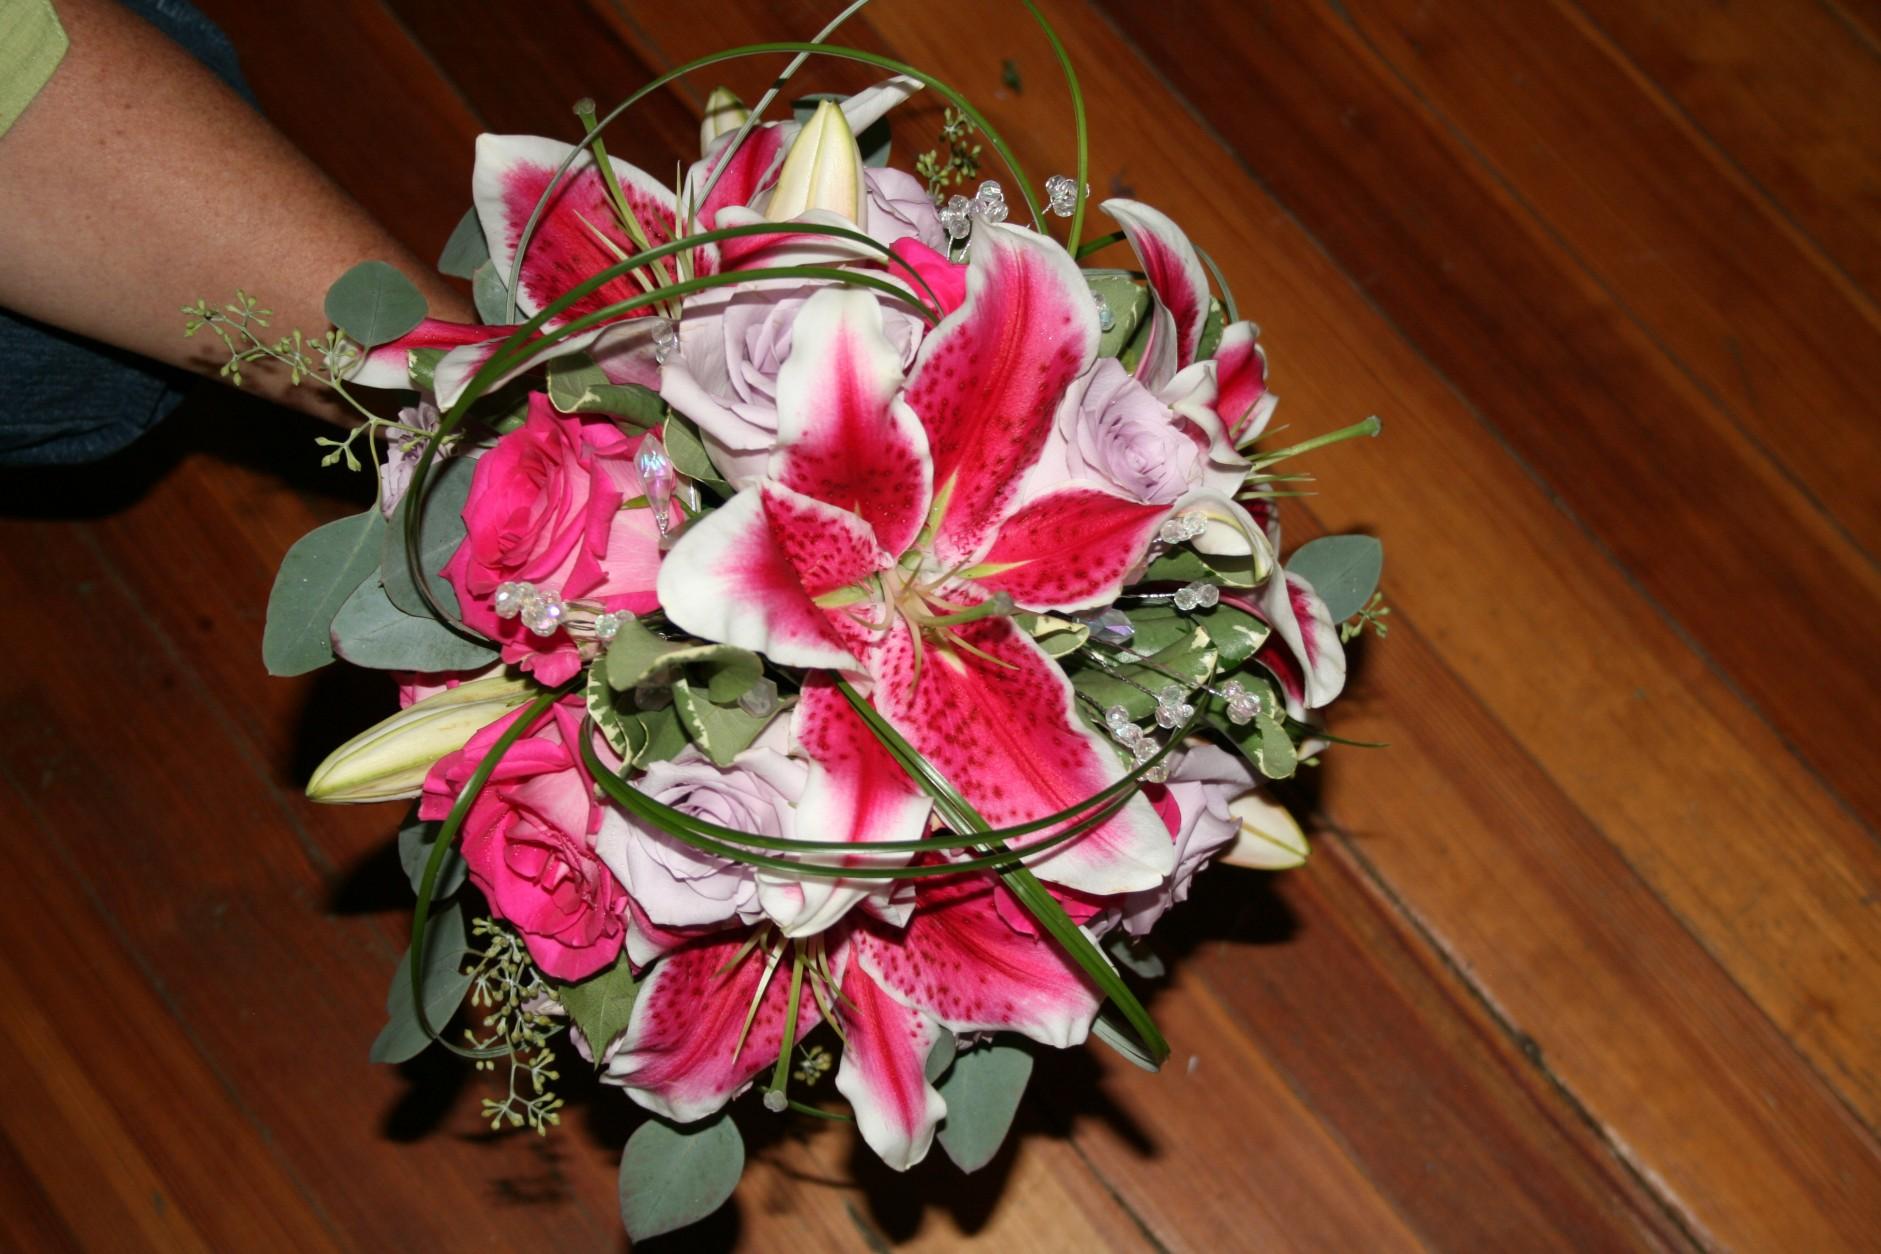 732 BRIDES BOUQUET STARGAIZER,PINK & LAVENDER ROSES